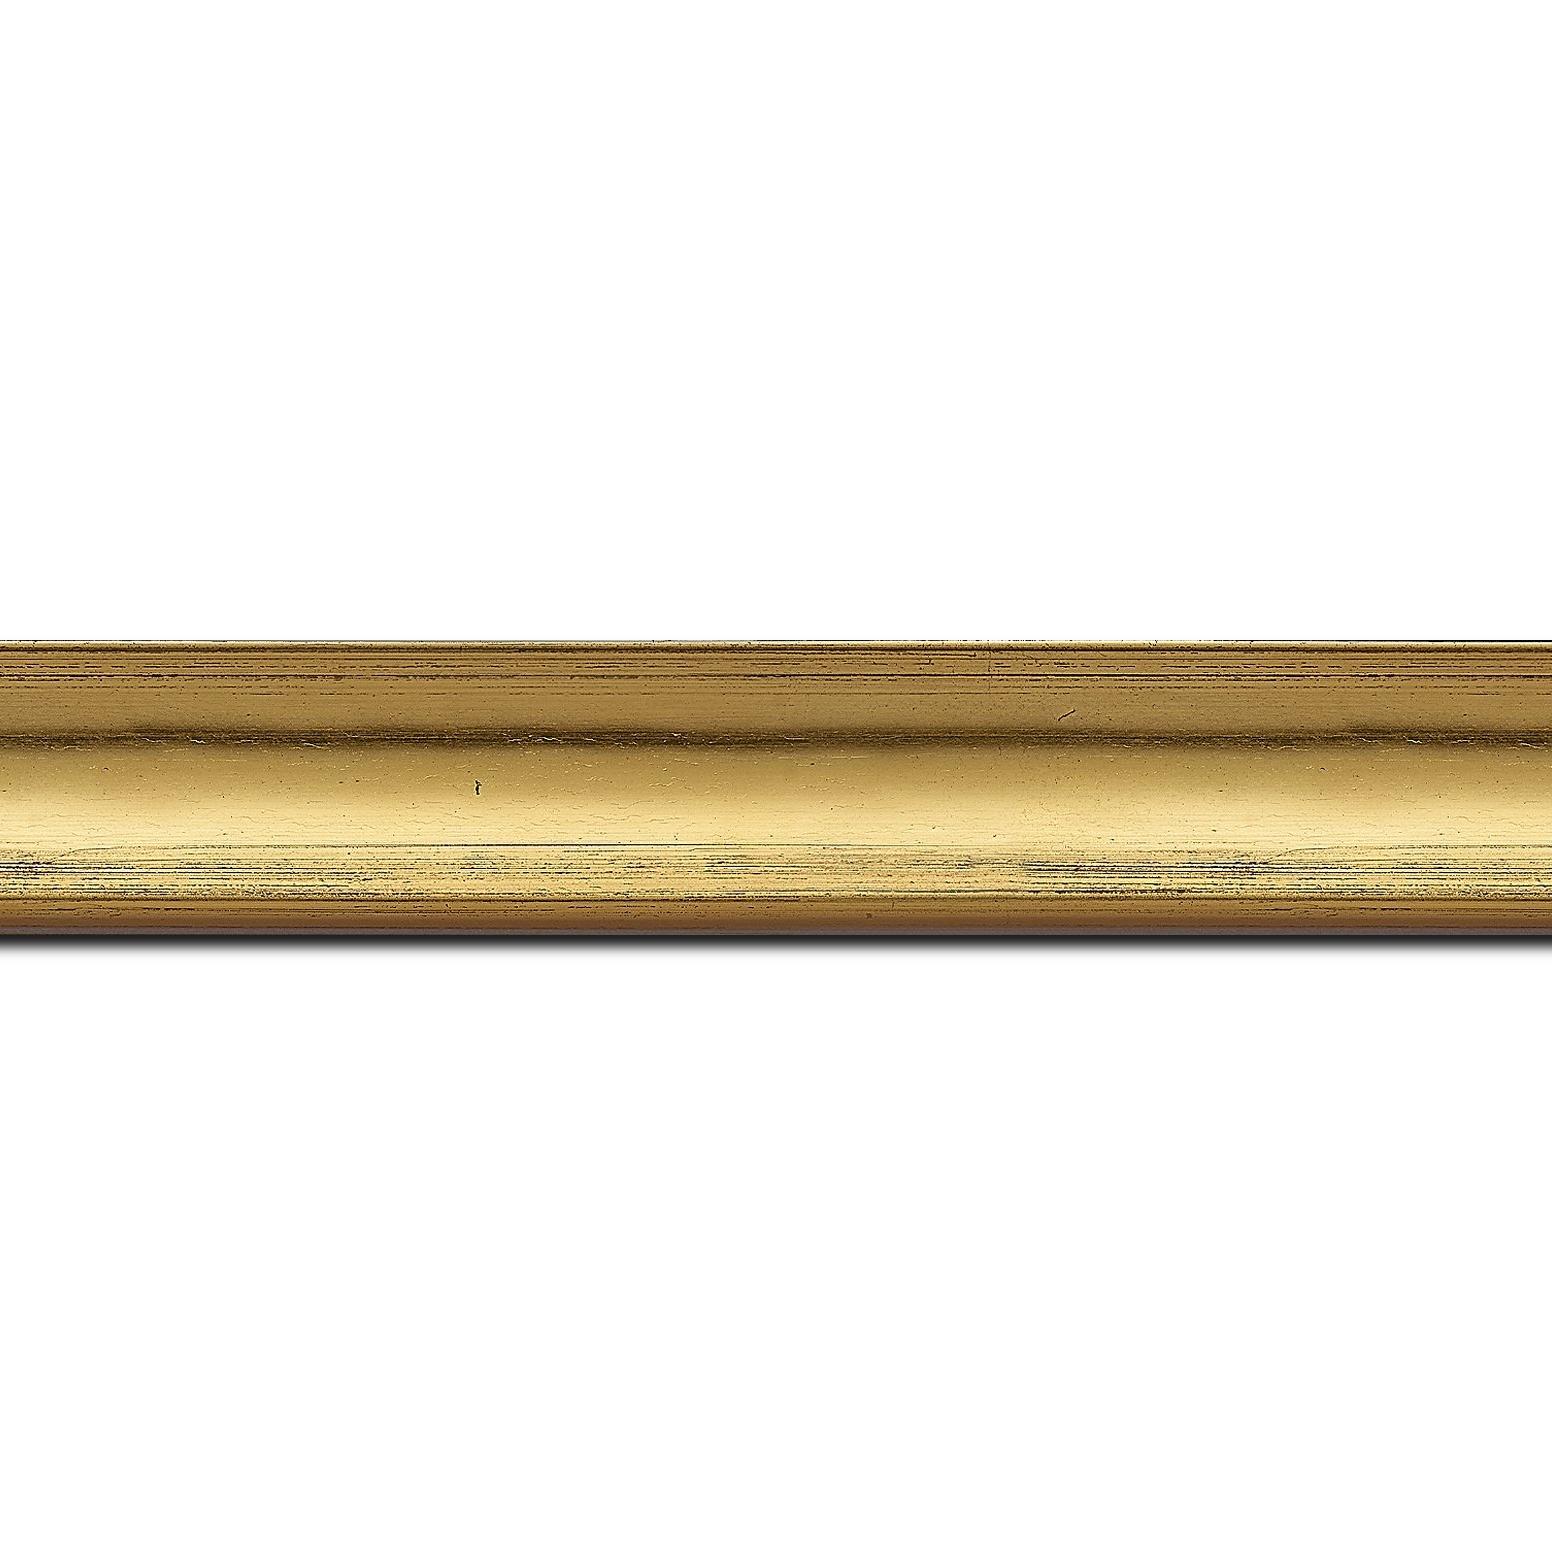 Baguette longueur 1.40m bois profil concave largeur 3cm couleur or coté extérieur foncé. finition haut de gamme car dorure à l'eau fait main